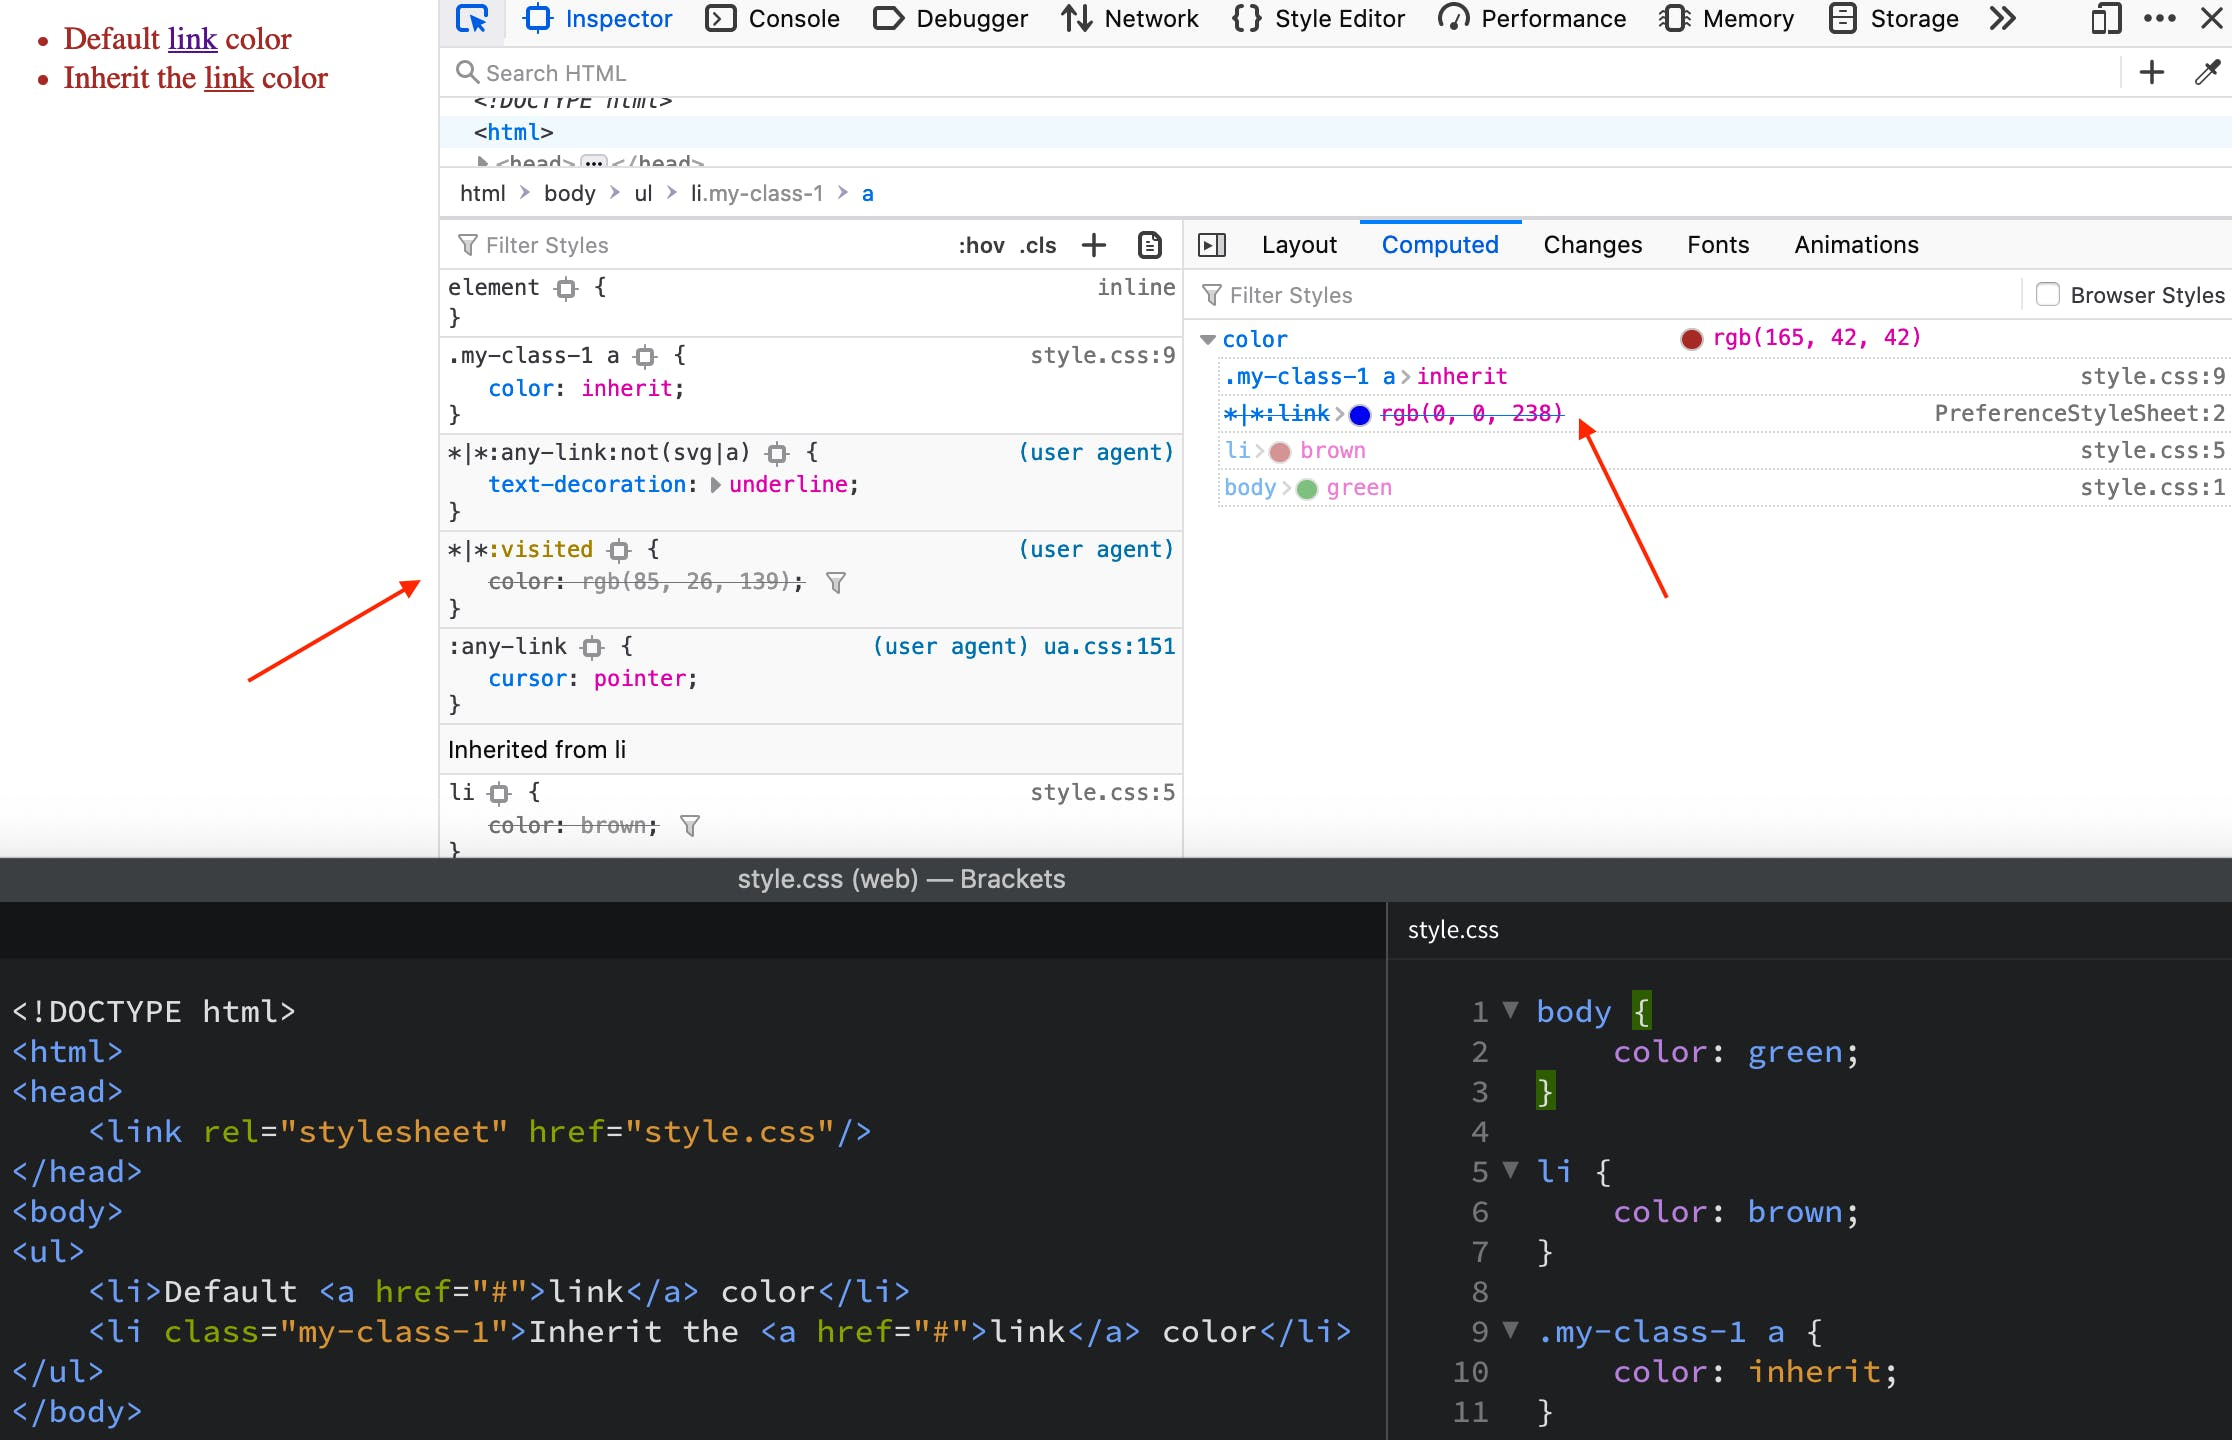 Screenshot 2020-12-29 at 15.15.12.png